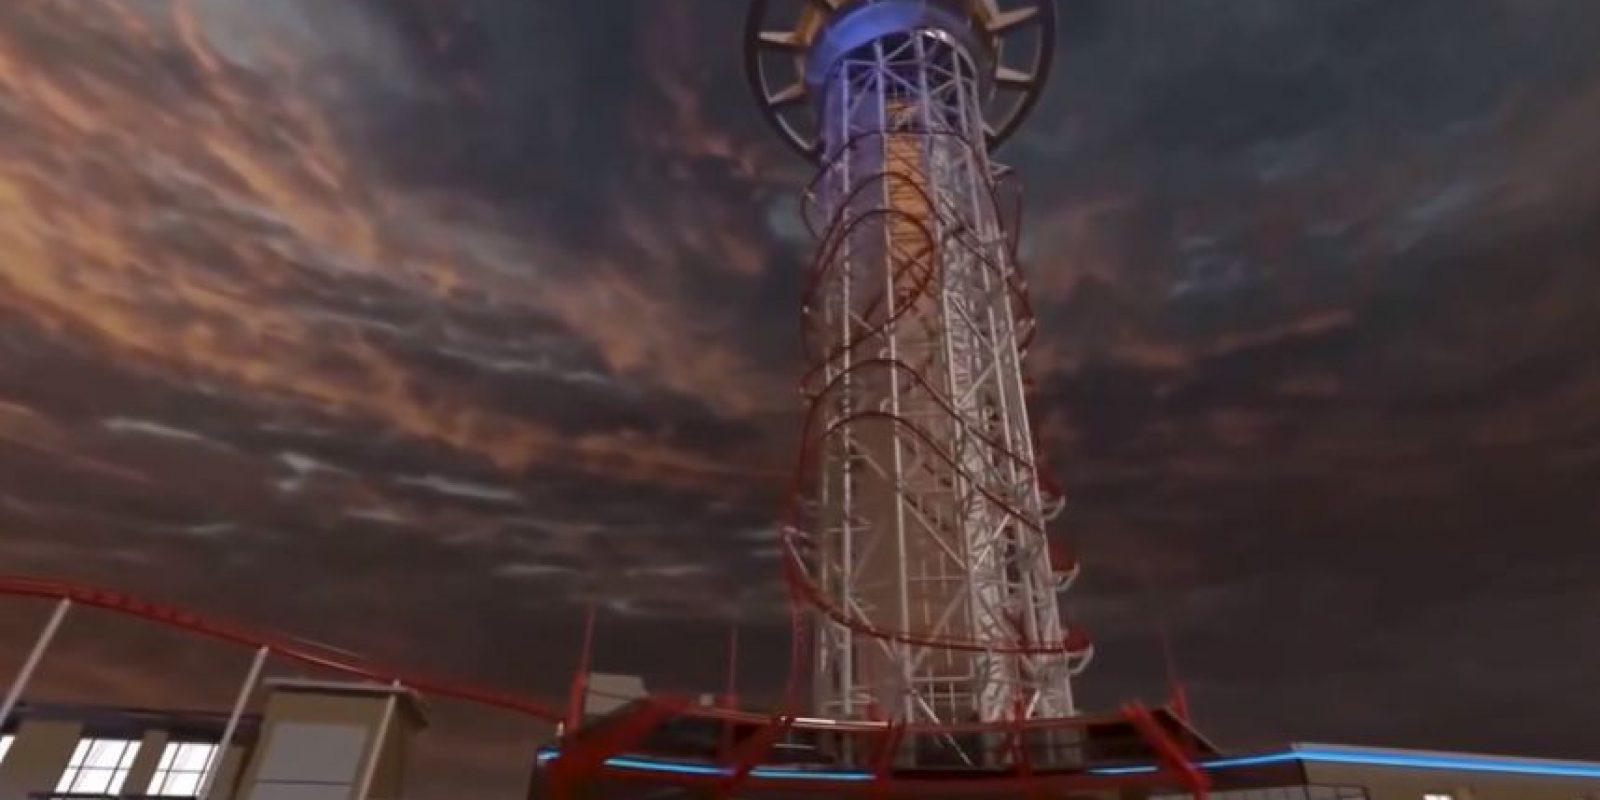 Alcanzará una velocidad de 105 kilómetros por hora (65 mph) Foto:YouTube/ animación